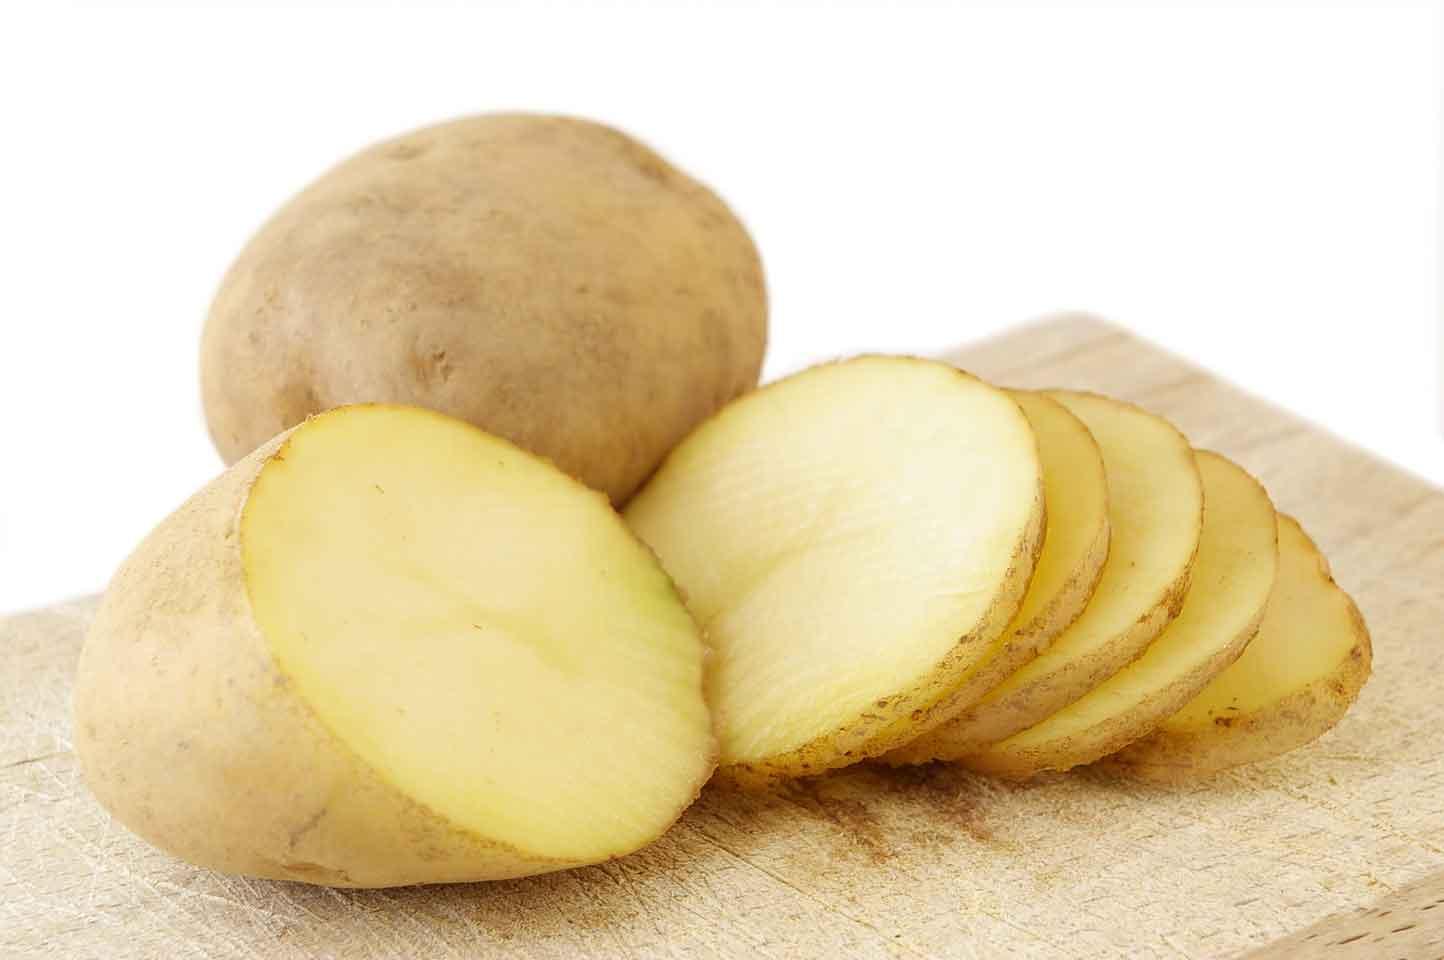 Khoai tây chứa nhiều thành phần hóa học có tính oxy hóa mạnh mẽ